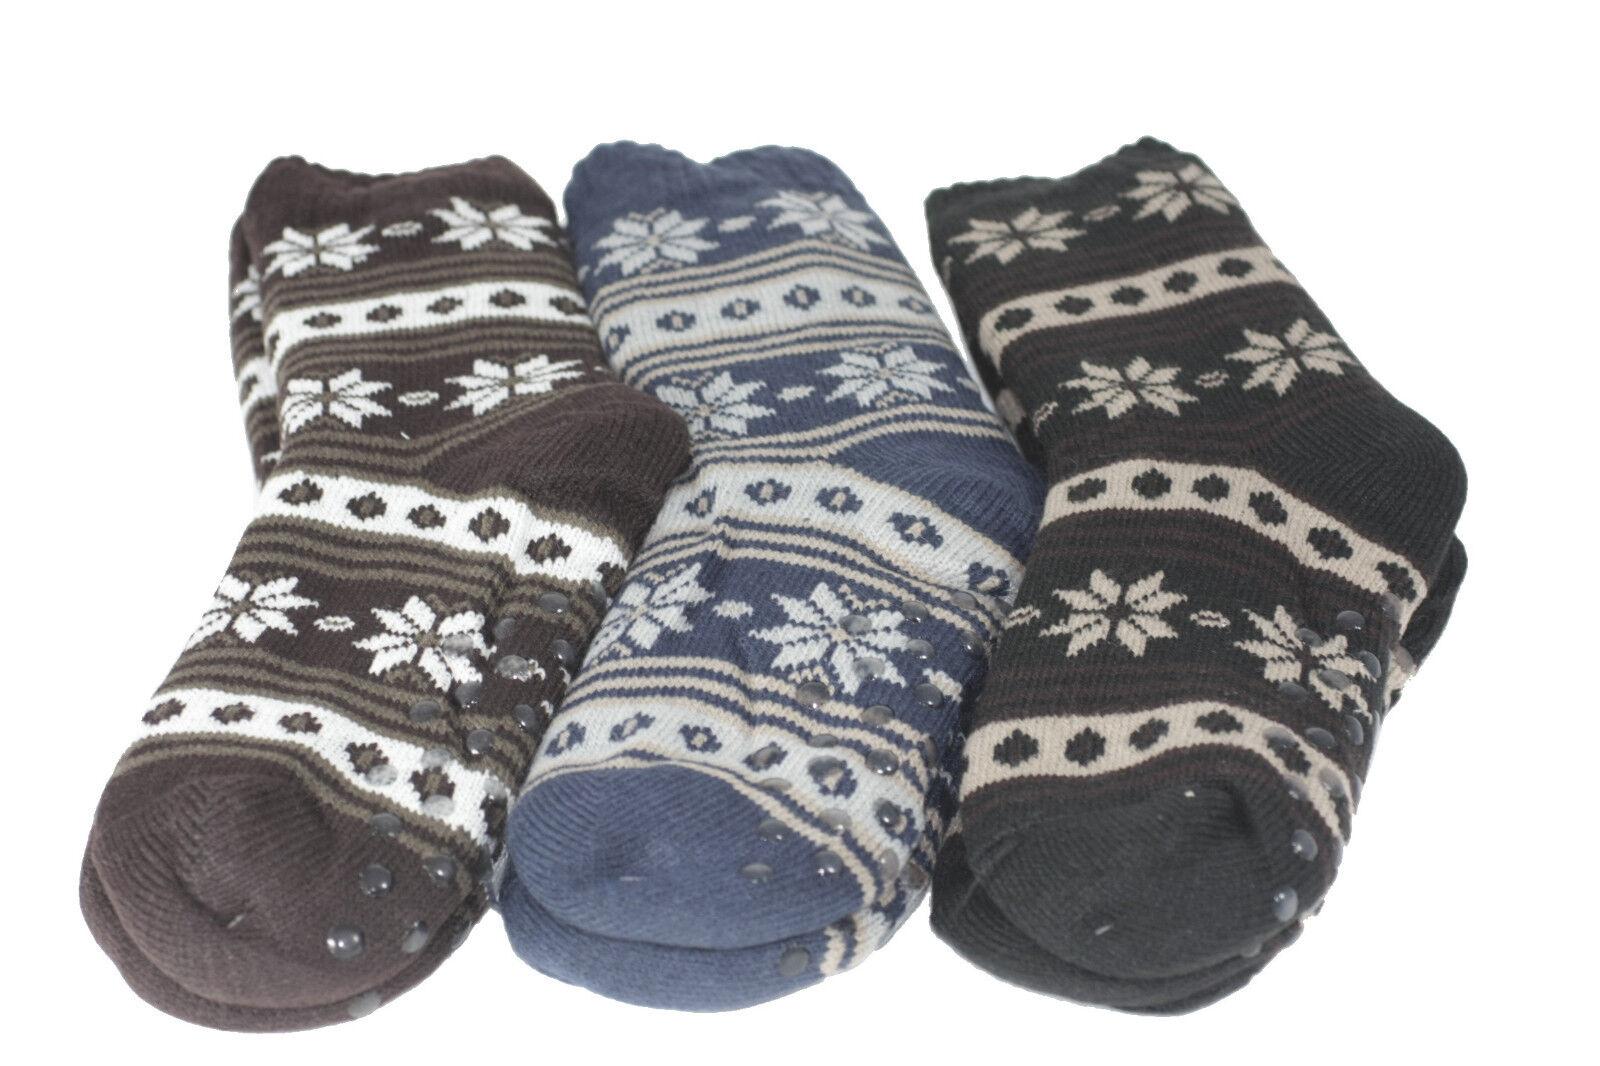 Herren Hüttensocken Hausschuhe Socken Hüttenschuhe warm ABS